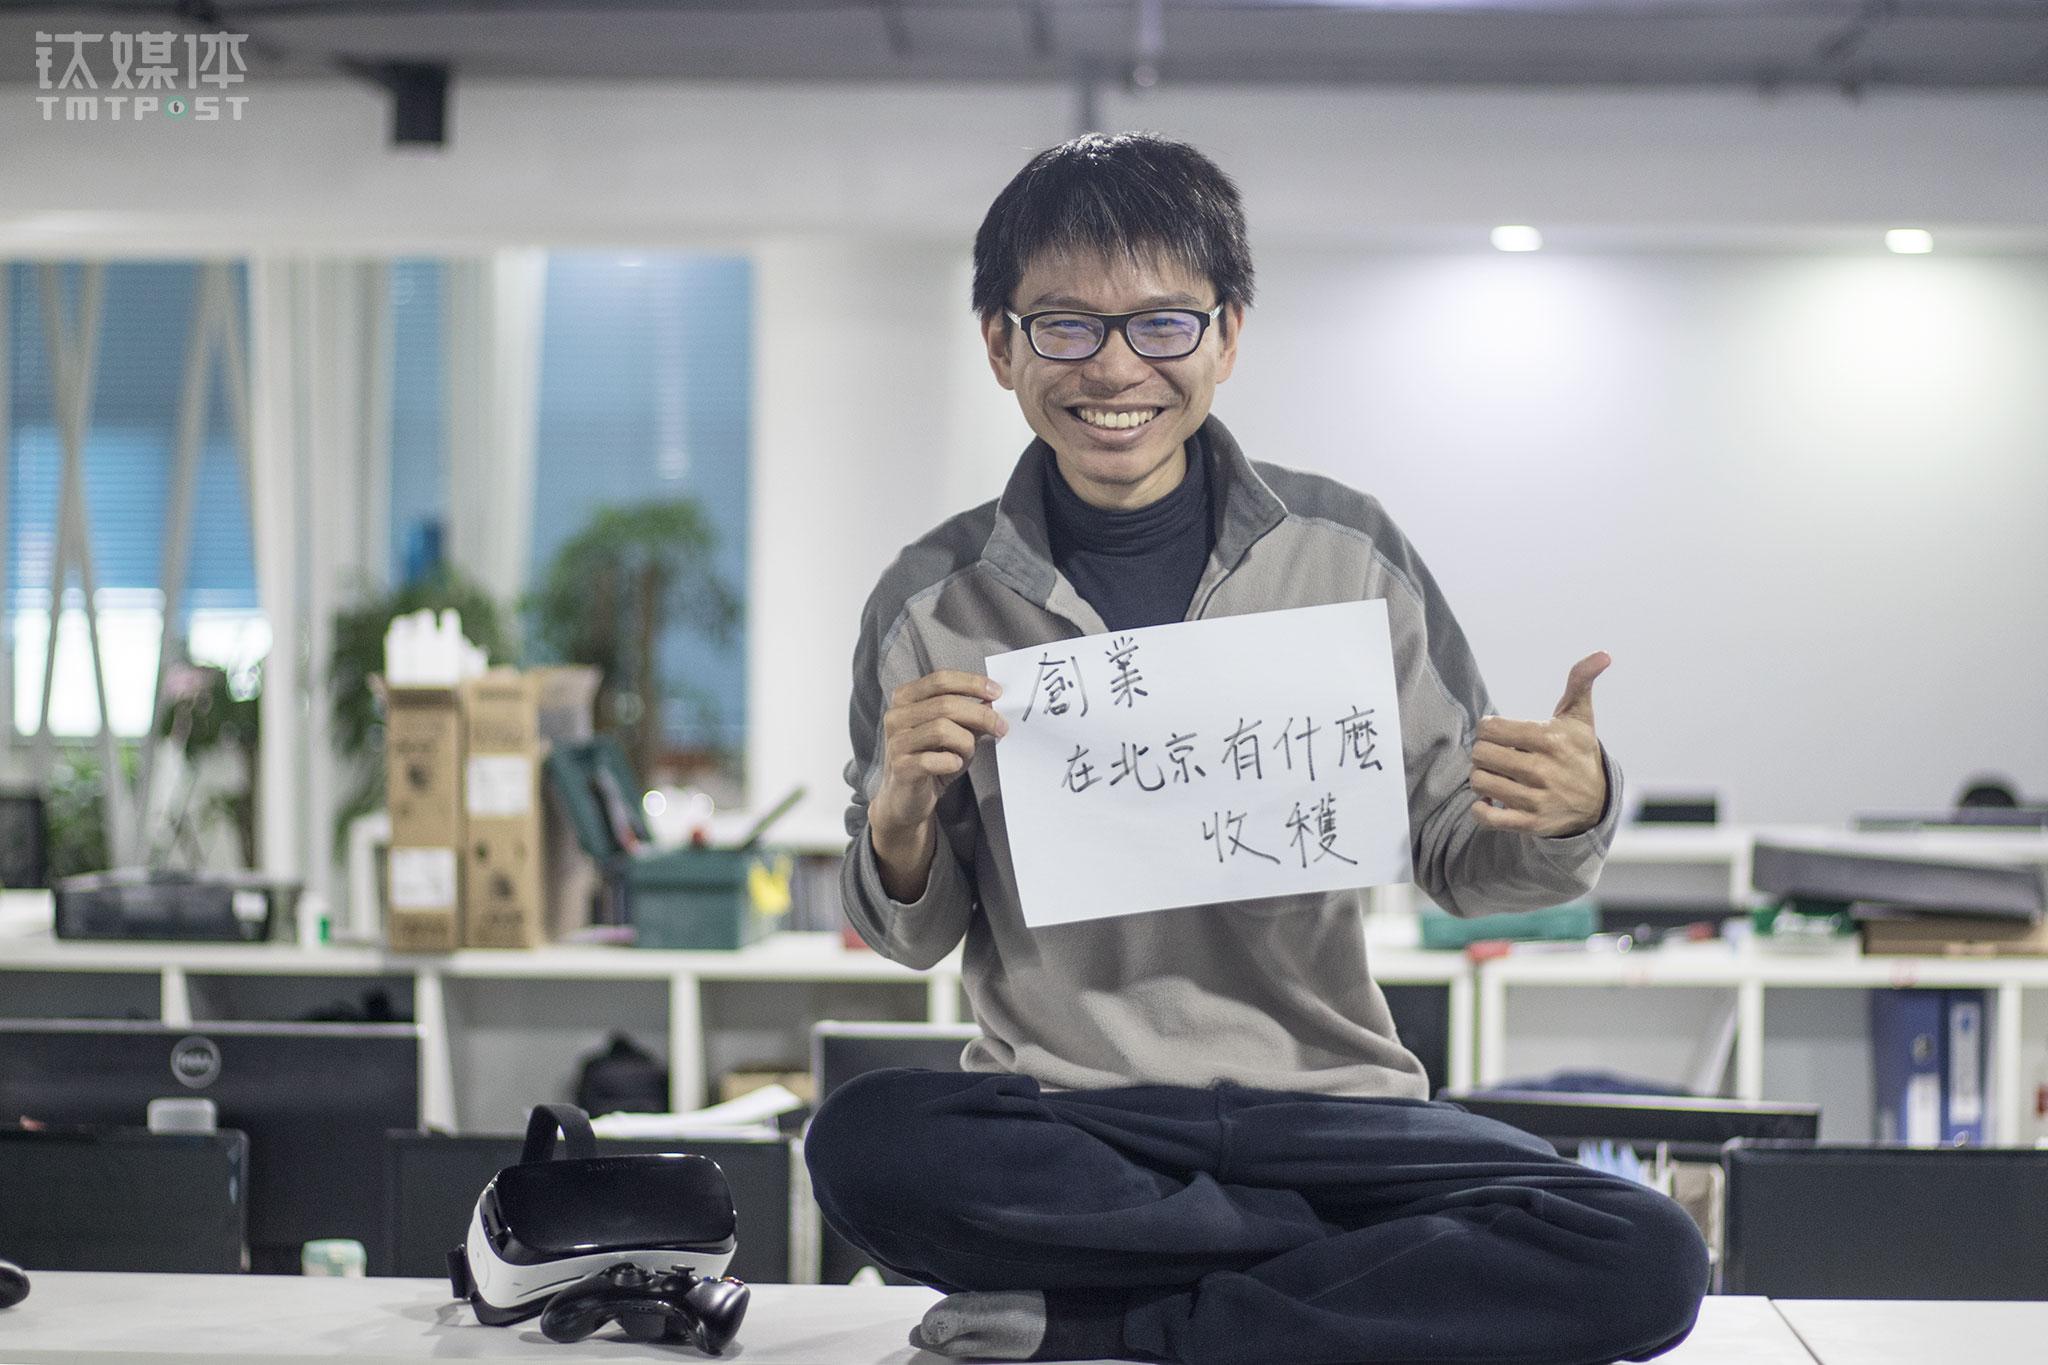 2016年1月底,钛媒体《在线》做了一期《过年回家最怕被提问,来看这10位程序猿的问答秘籍》,魔多VR联合创始人、CTO钟文昌写下了家人曾经问过自己的问题:在北京创业有什么收获。2011年他从家乡台北到北京寻找机会,之后一直留在北京。在北京他收获了朋友,收获了创业的经验。